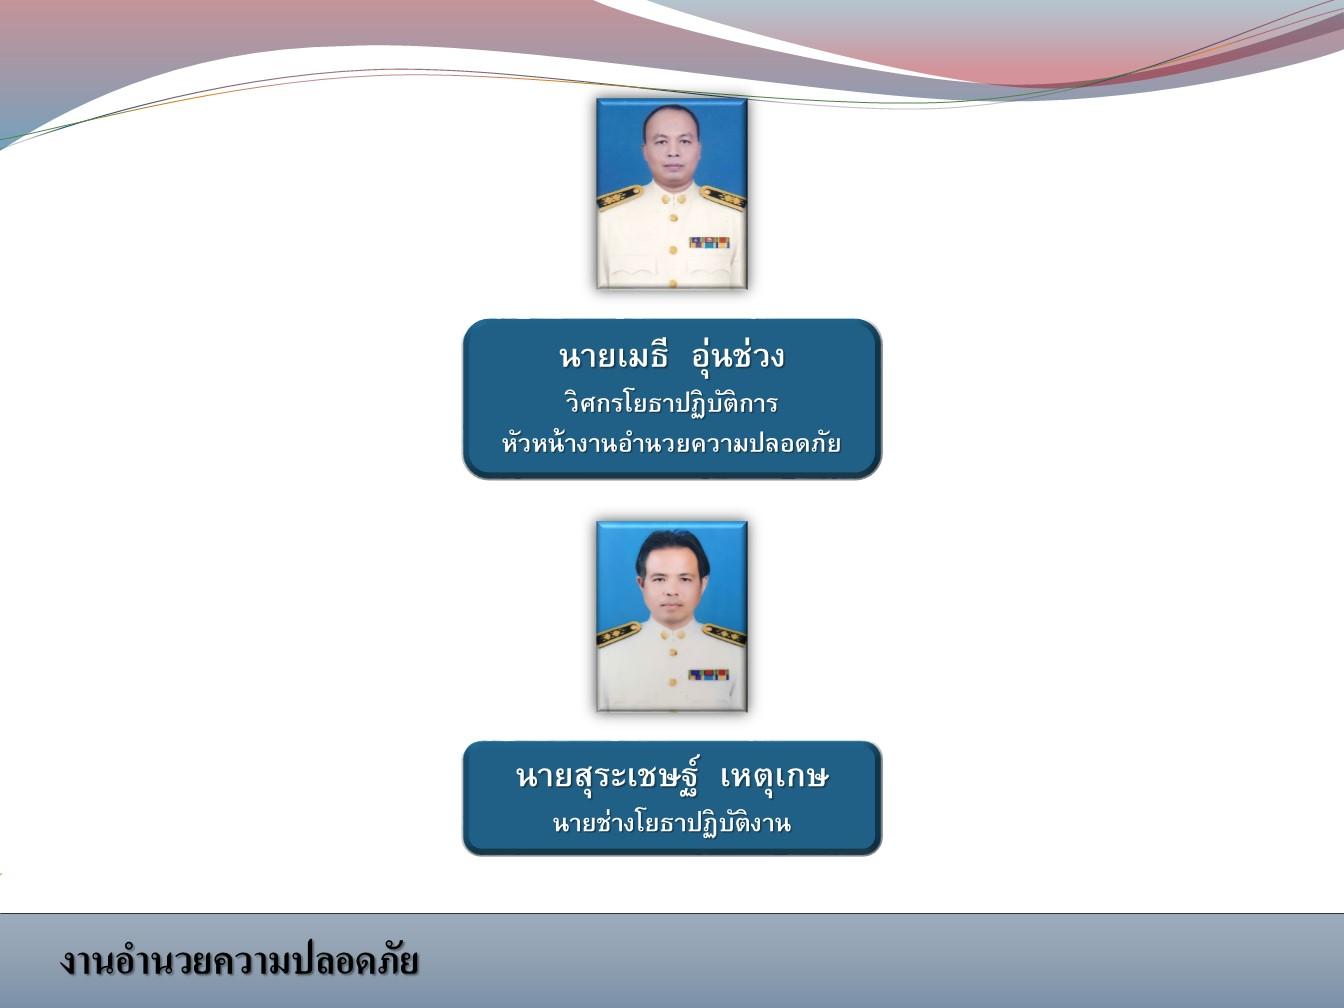 หน่วยงานอำนวยความปลอดภัย สังกัดแขวงทางหลวงเลยที่ 1